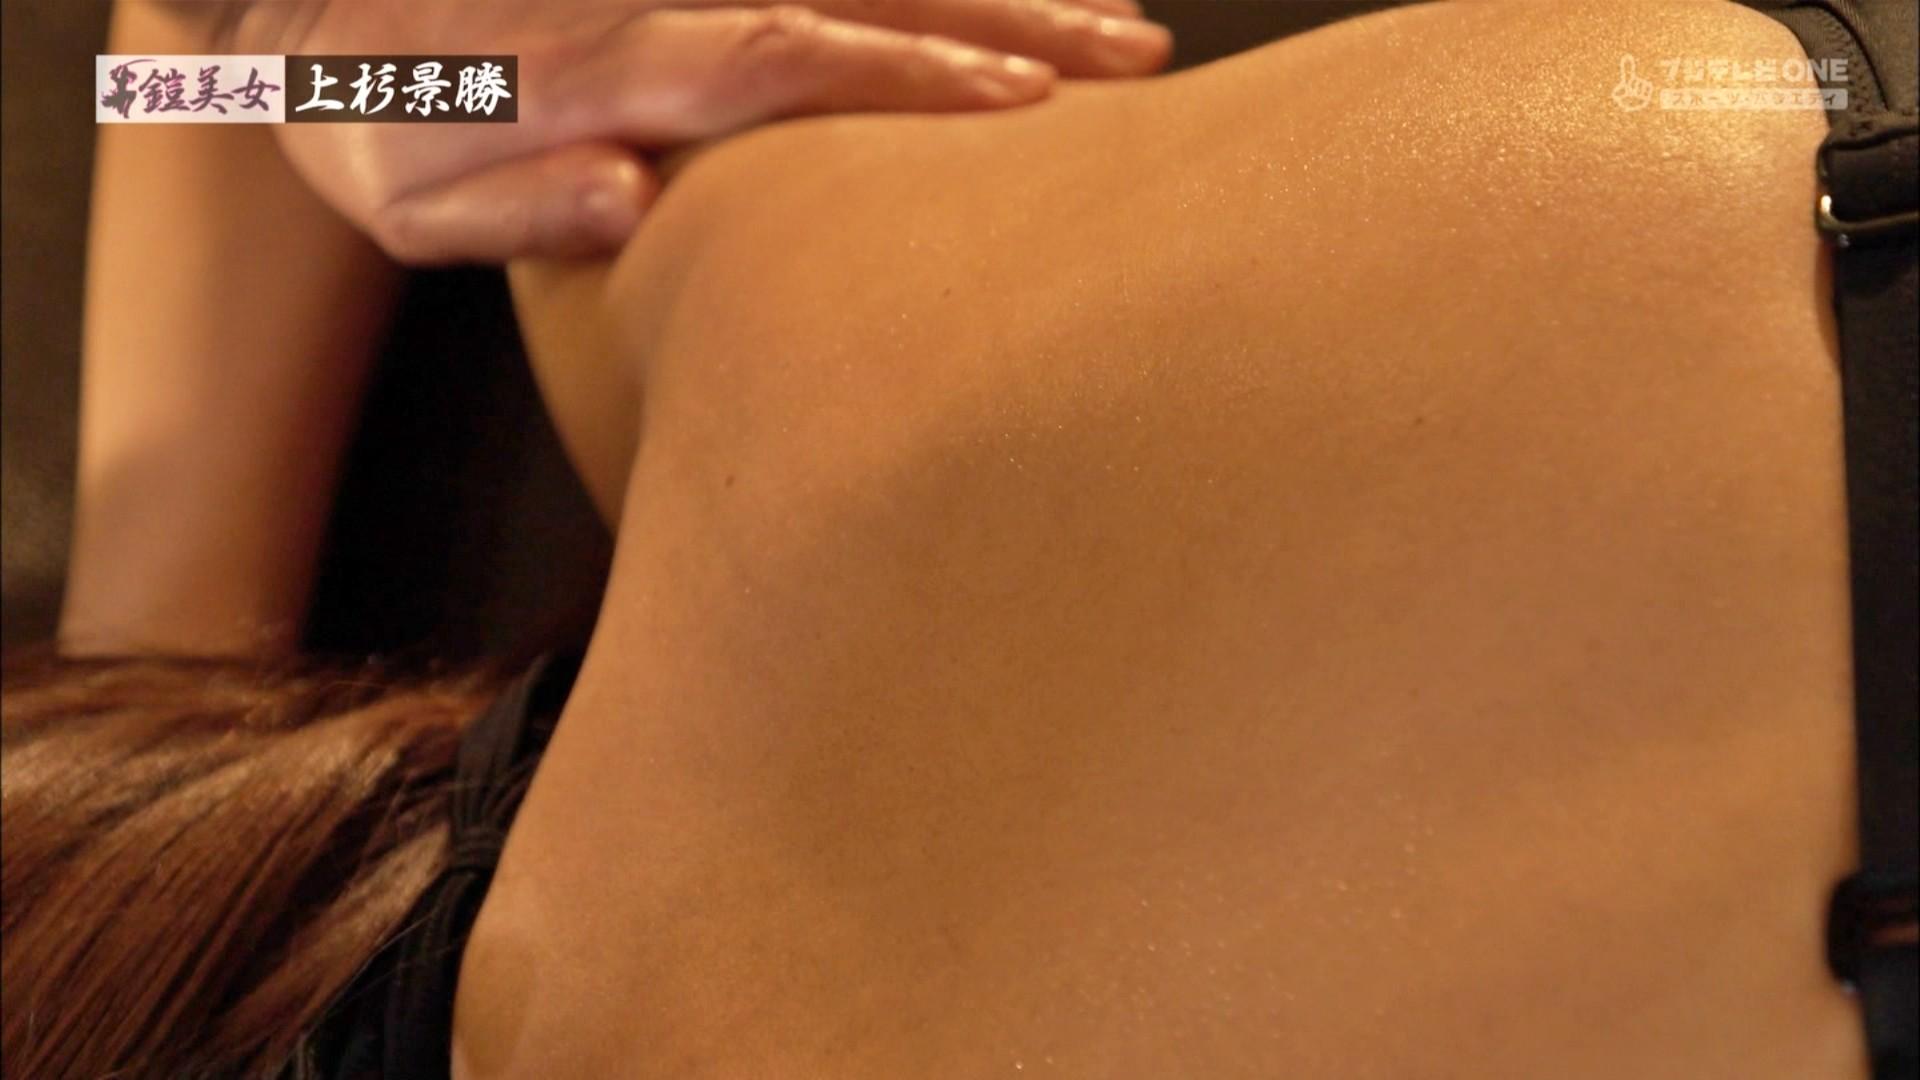 鎧美女♯50・野田彩加さんのテレビキャプチャー画像-059